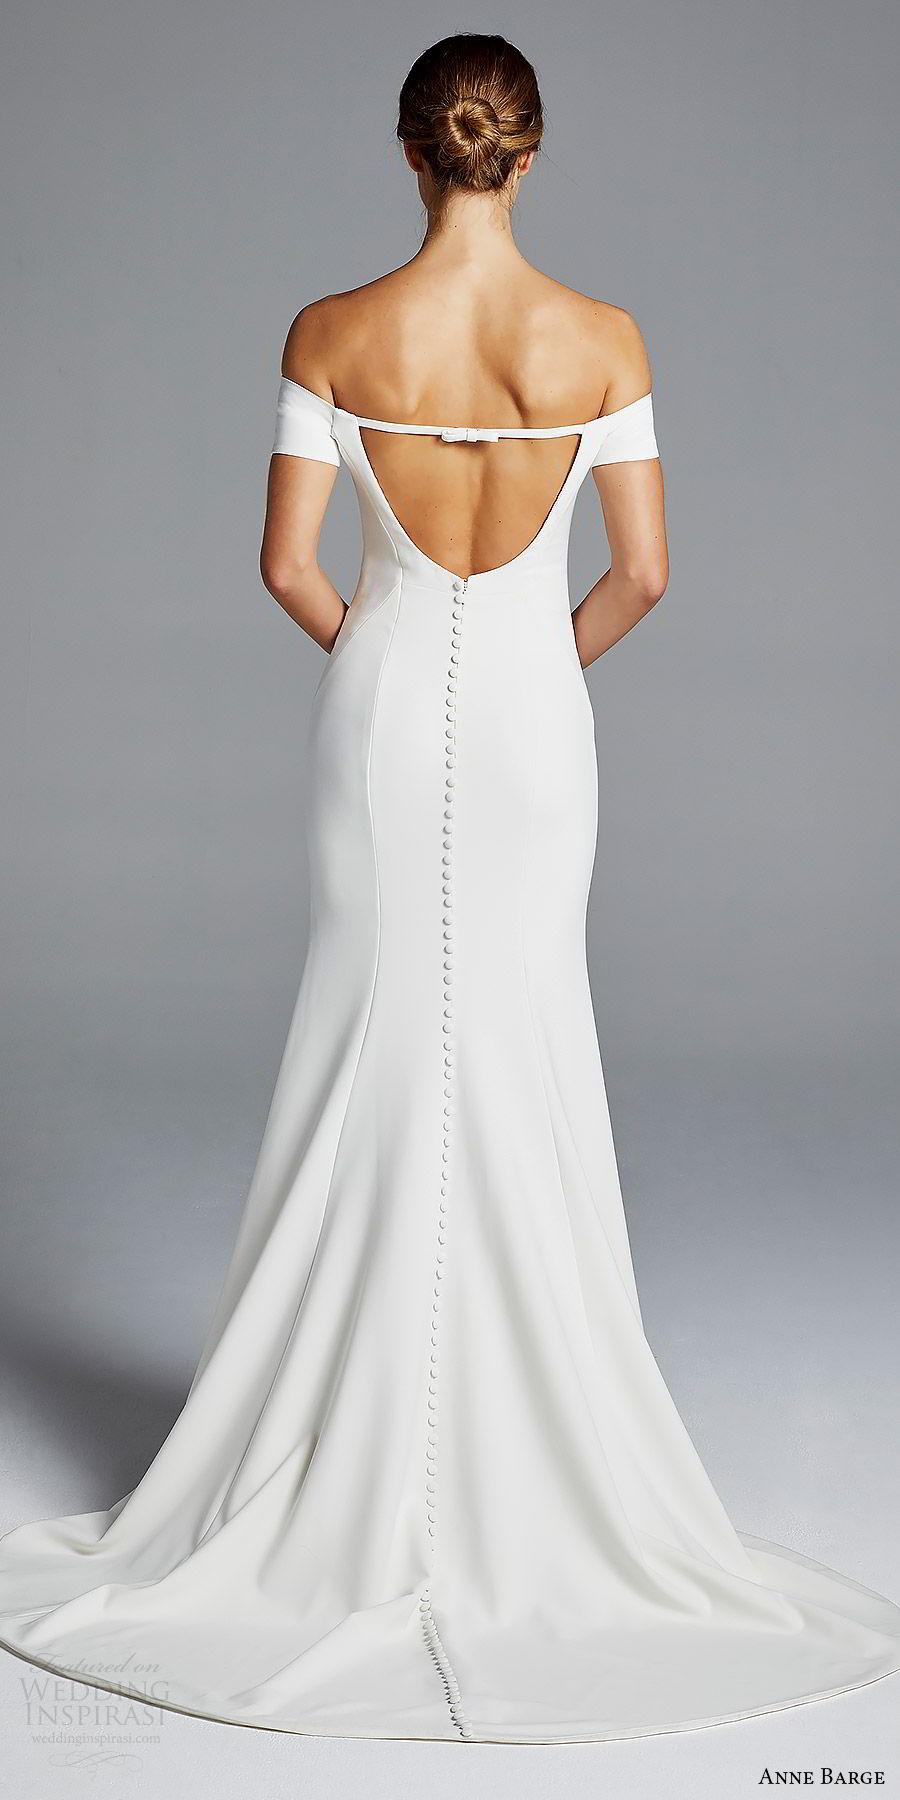 anne barge bridal spring 2019 off shoulder short sleeves sweetheart neckline minimally embellished sheath wedding dress (jolie) bv chic modern elegant